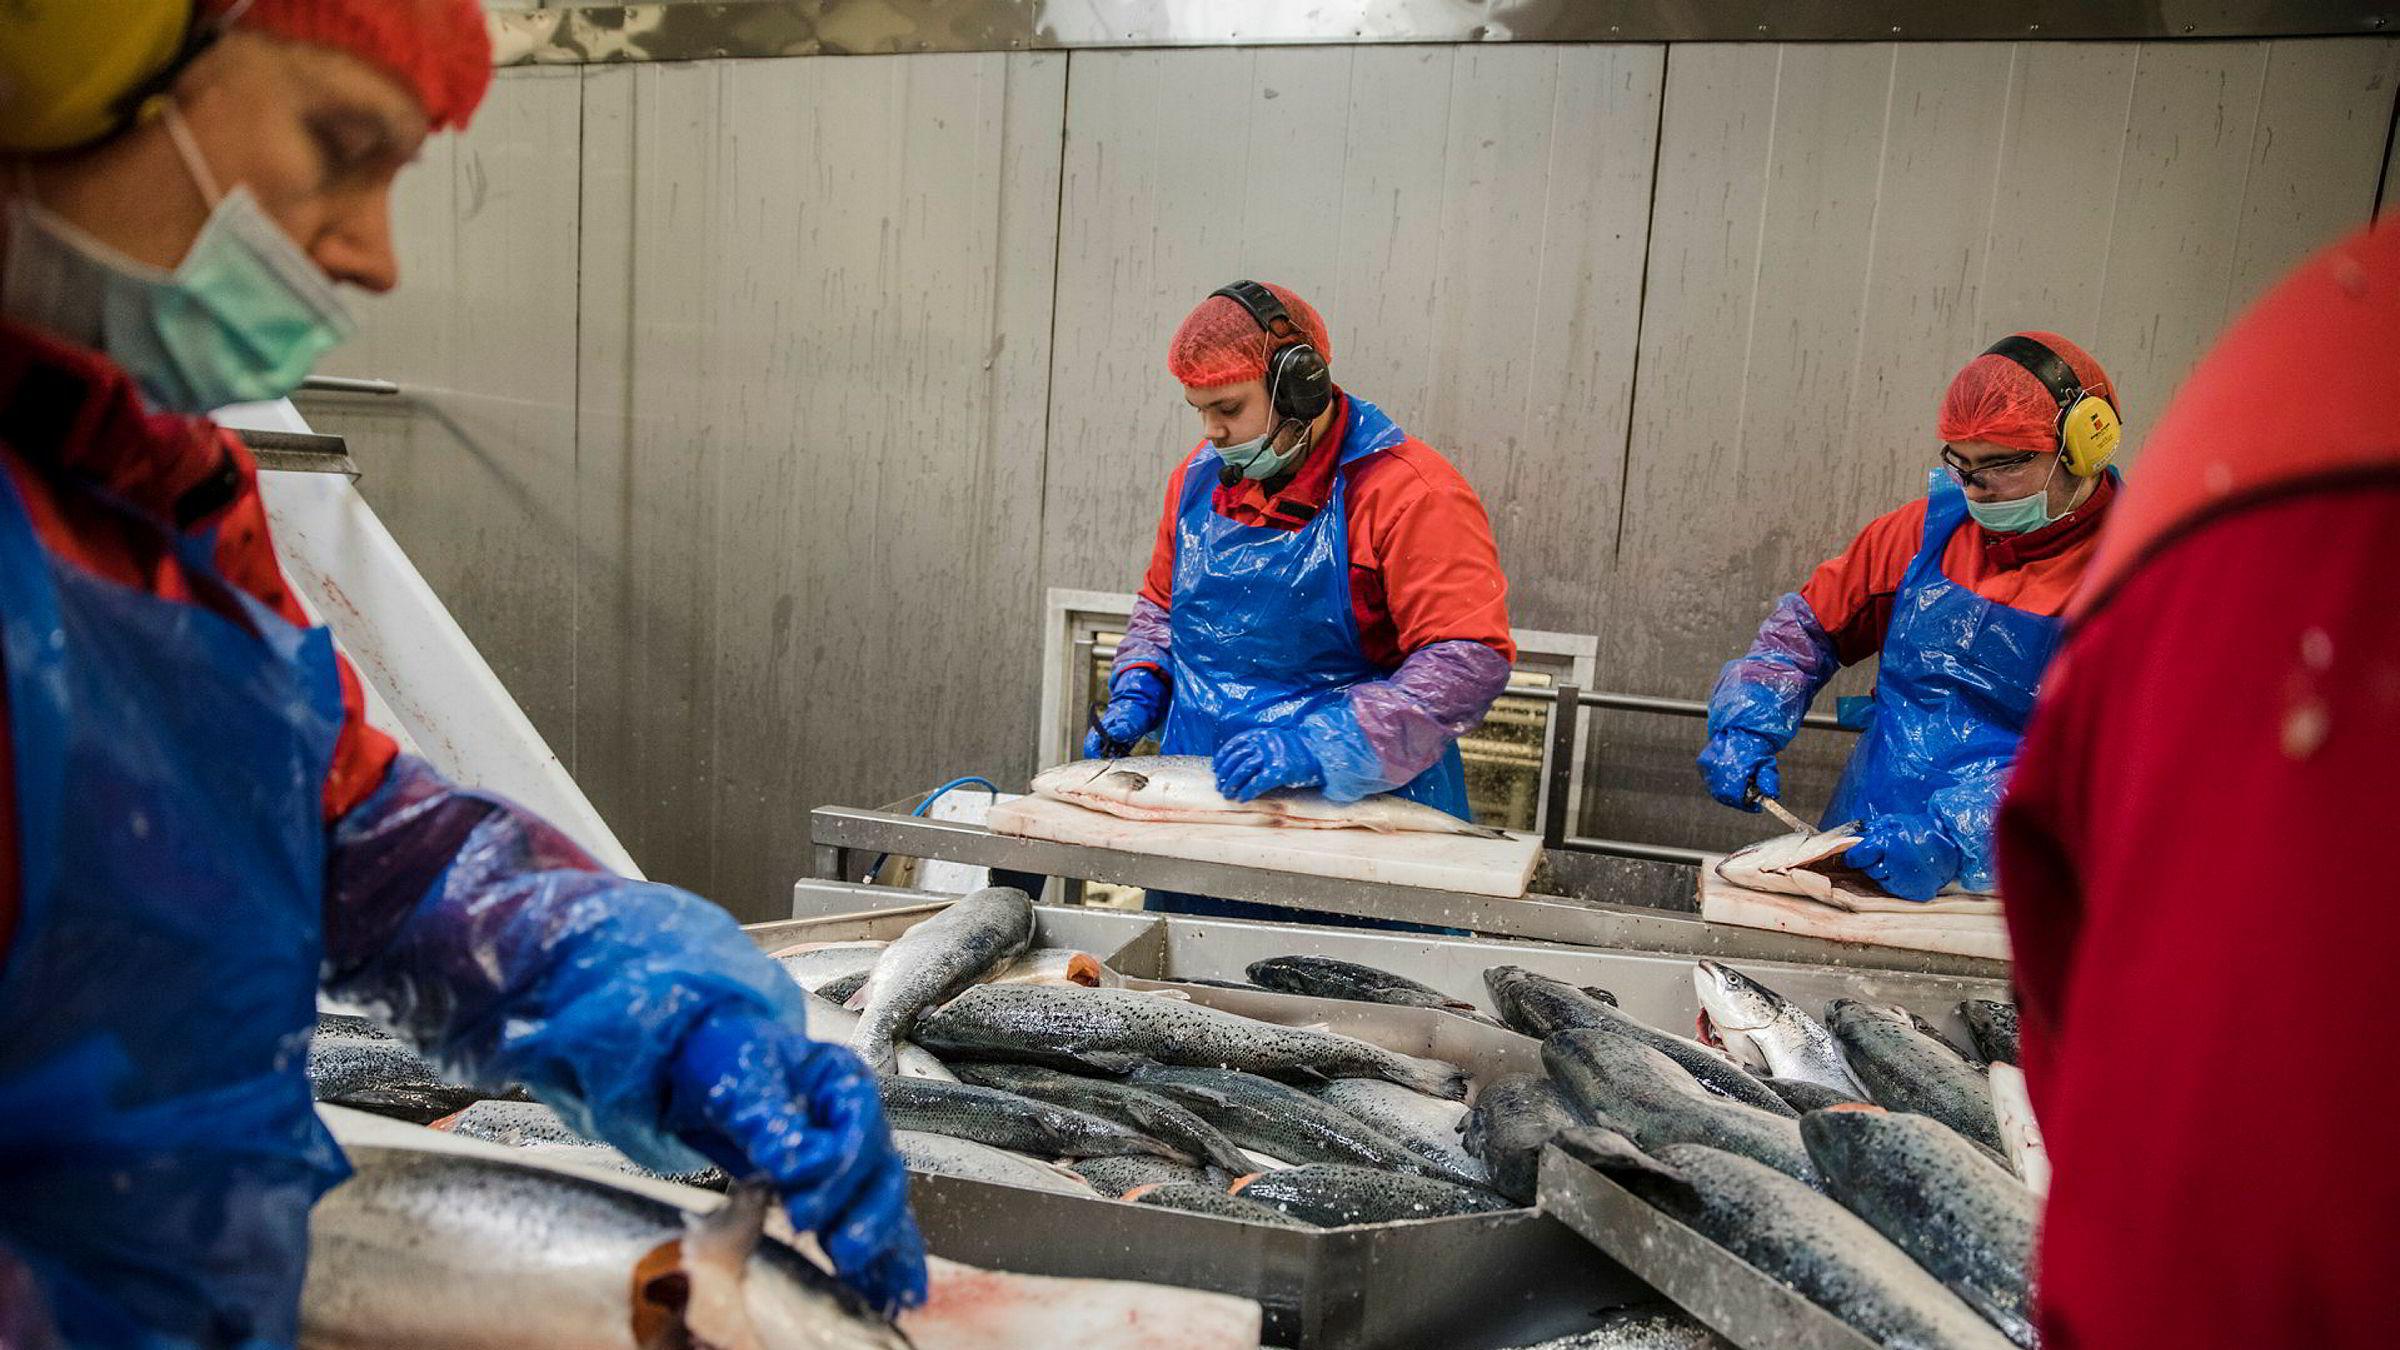 Laksen utgjorde over 70 prosent av eksportverdien av norsk sjømat i rekordåret 2017, men bare 17 prosent av laksen blir bearbeidet i Norge. Illustrasjonsbilde fra slakteriet til Lerøy Aurora på Skjervøy med Hugo Olsen (fra venstre), Thord Sørgård og Jostein Korneliussen (23).